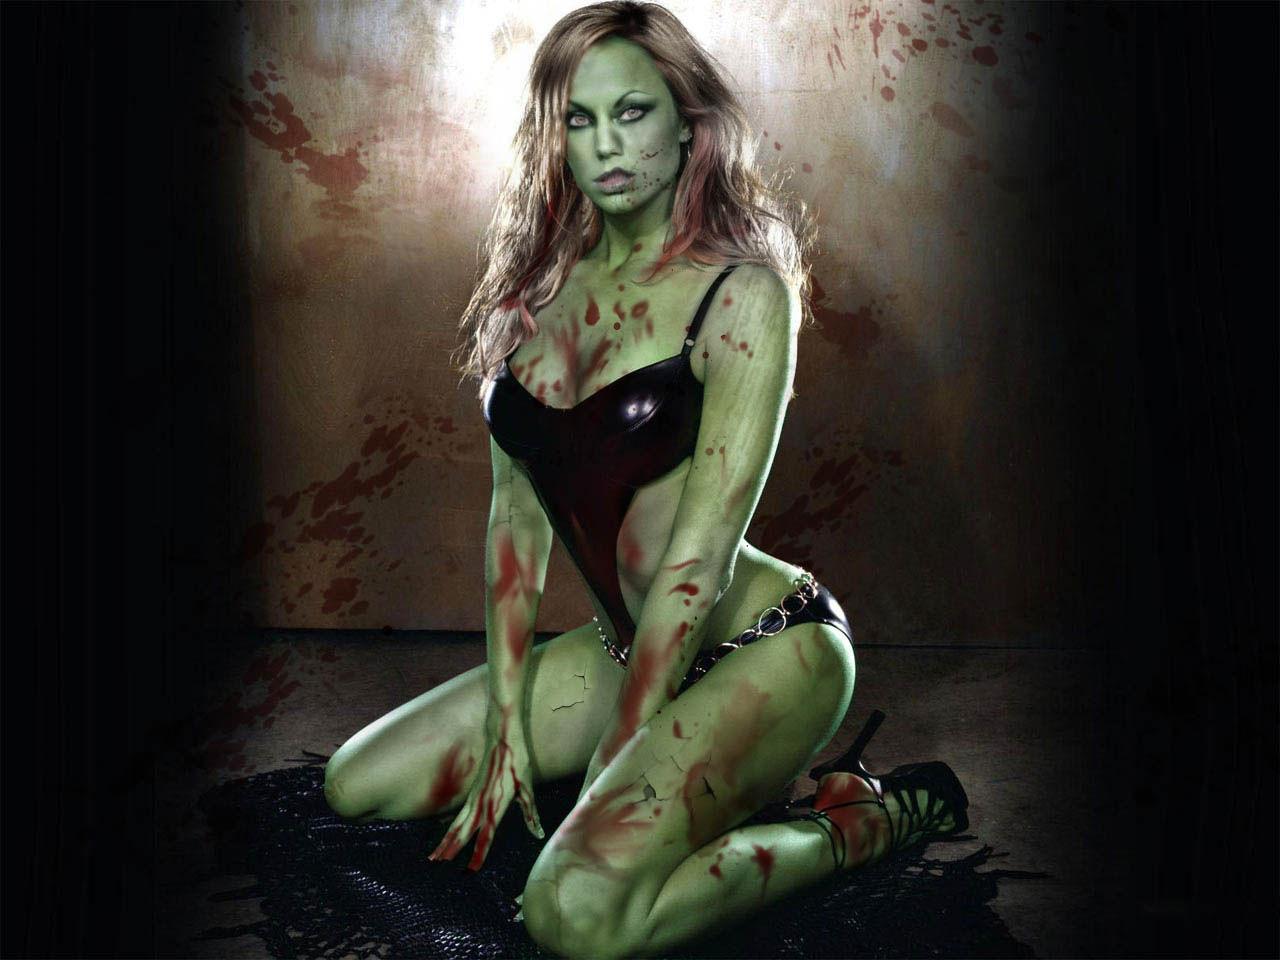 zombie-boobs-22